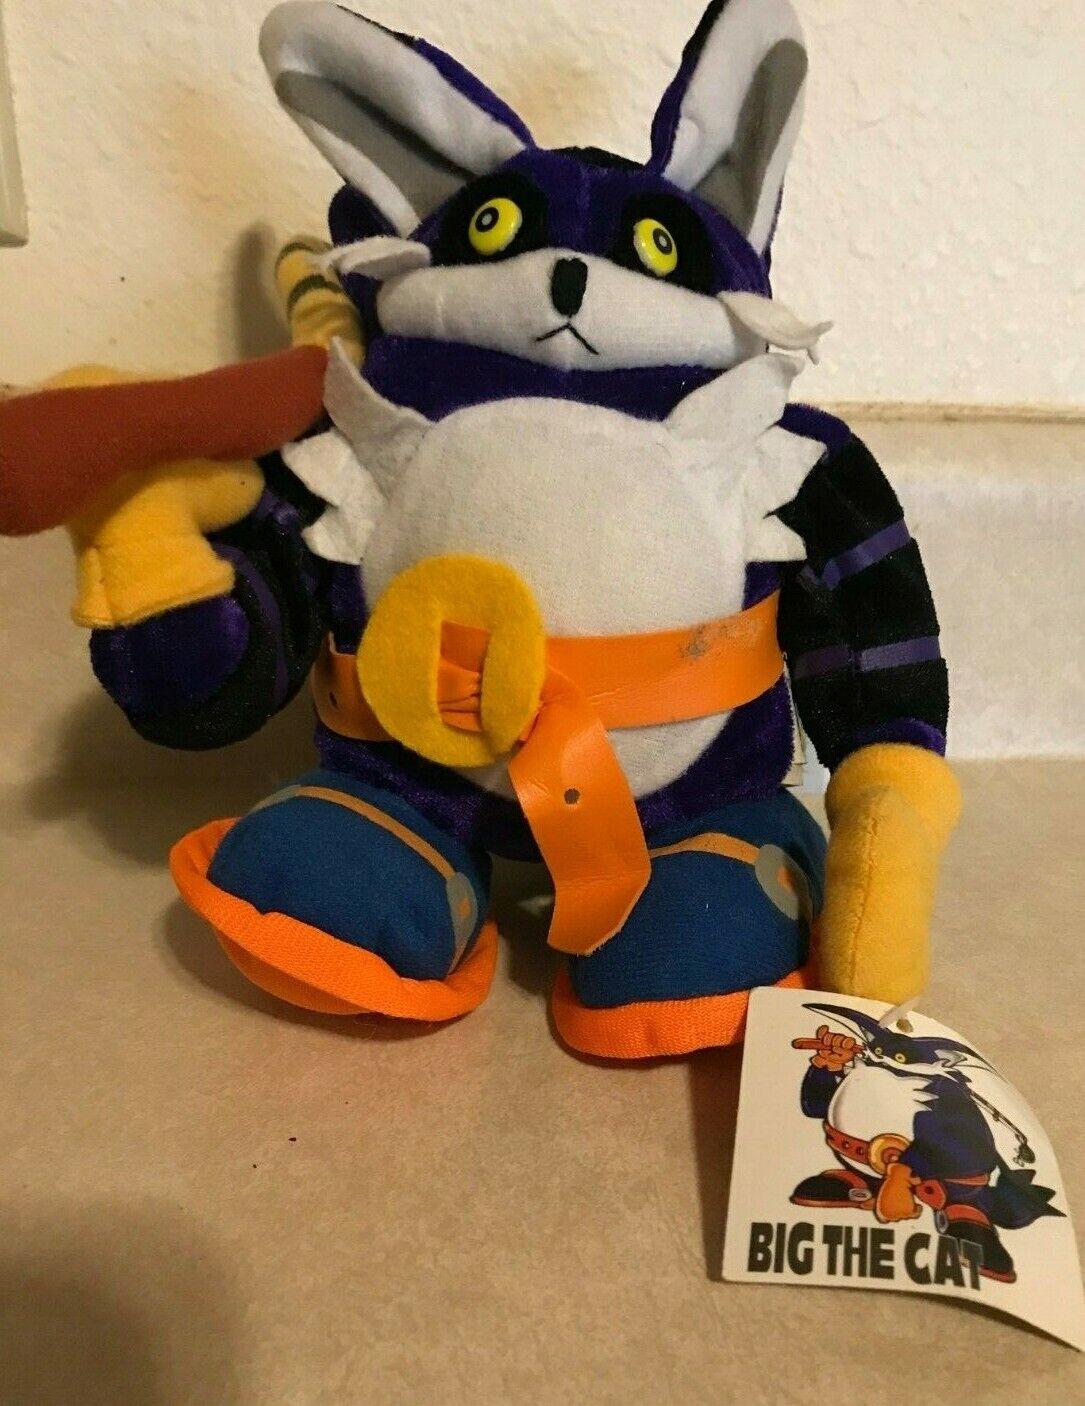 punto de venta en línea Sonic Peluche Grande El Gato Gato Gato Juguete Sega Animal de Peluche Raro con Network Etiqueta & en altura  aquí tiene la última